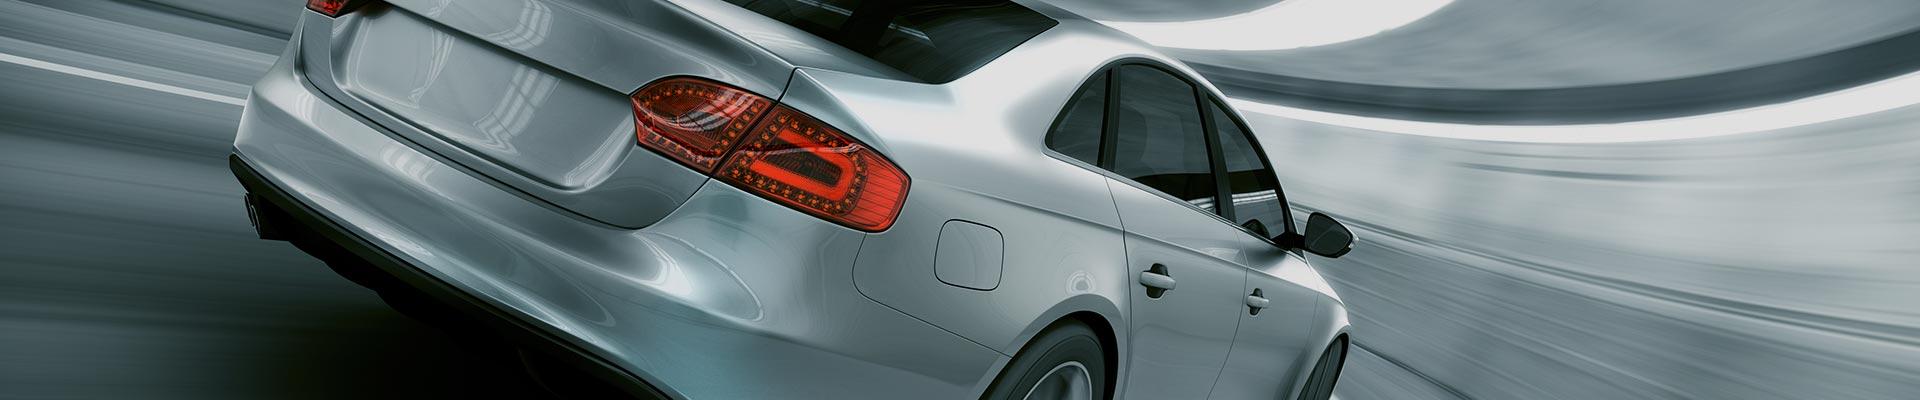 Drevil Auto Body Custom Paint Ideas For Cars